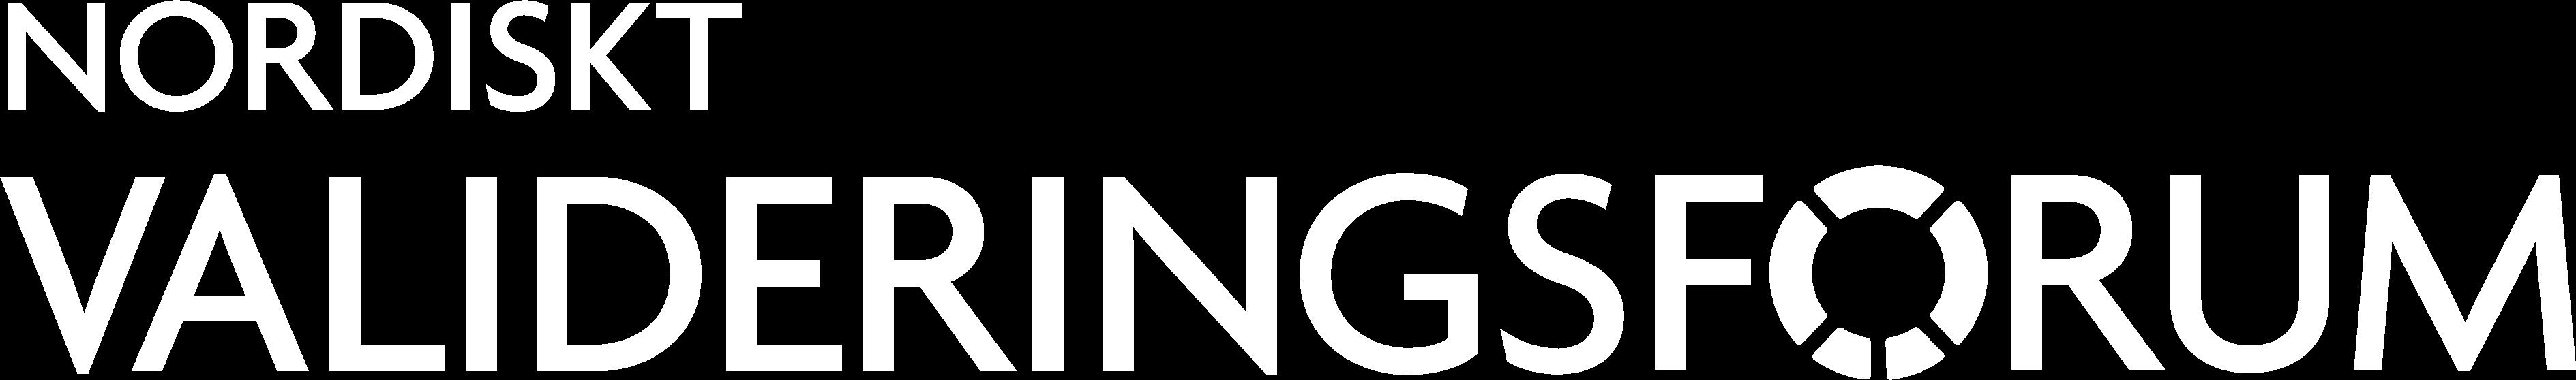 Nordiskt Valideringsforum